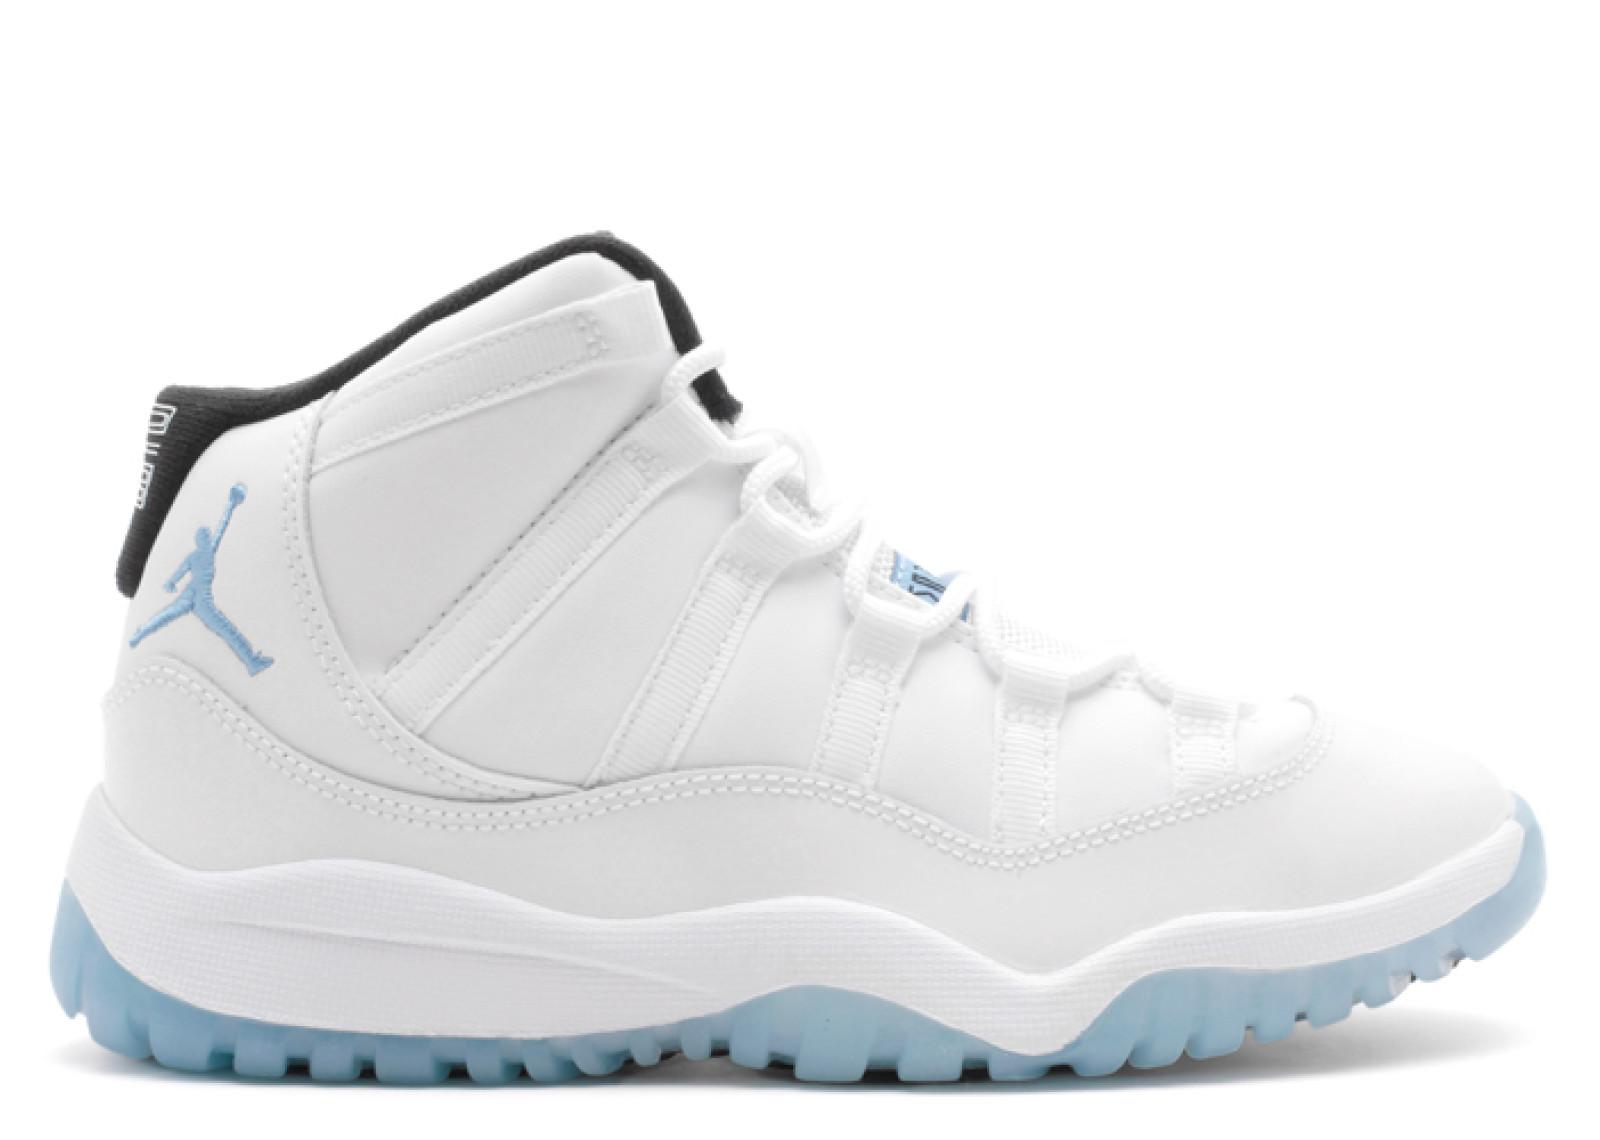 エアー ジョーダン レトロ レジェンド 青 ブルー メンズ 男性用 スニーカー 靴 メンズ靴 【 AIR JORDAN LEGEND BLUE 11 RETRO BP PS WHITE 】